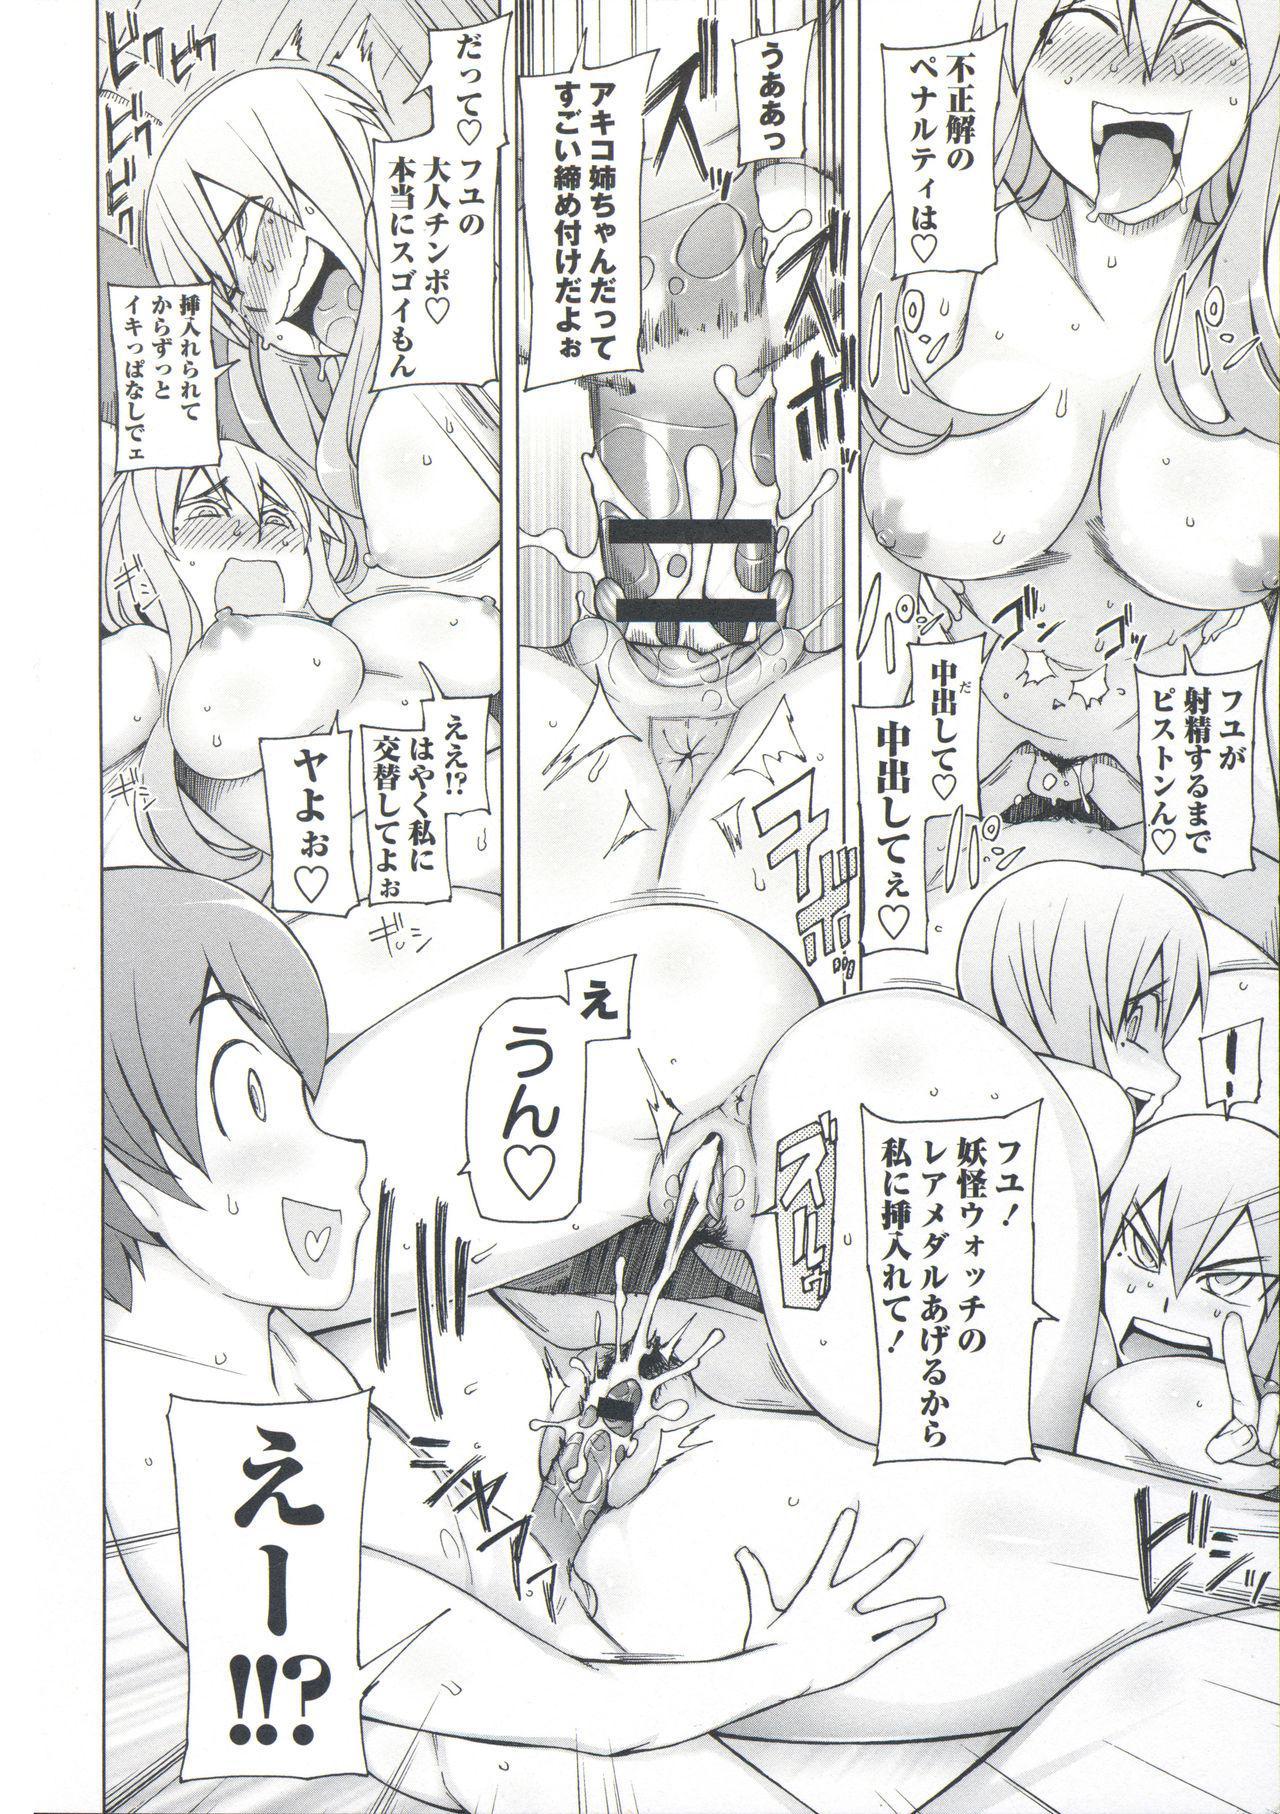 Zettai Jusei Namahame Shoujo 111